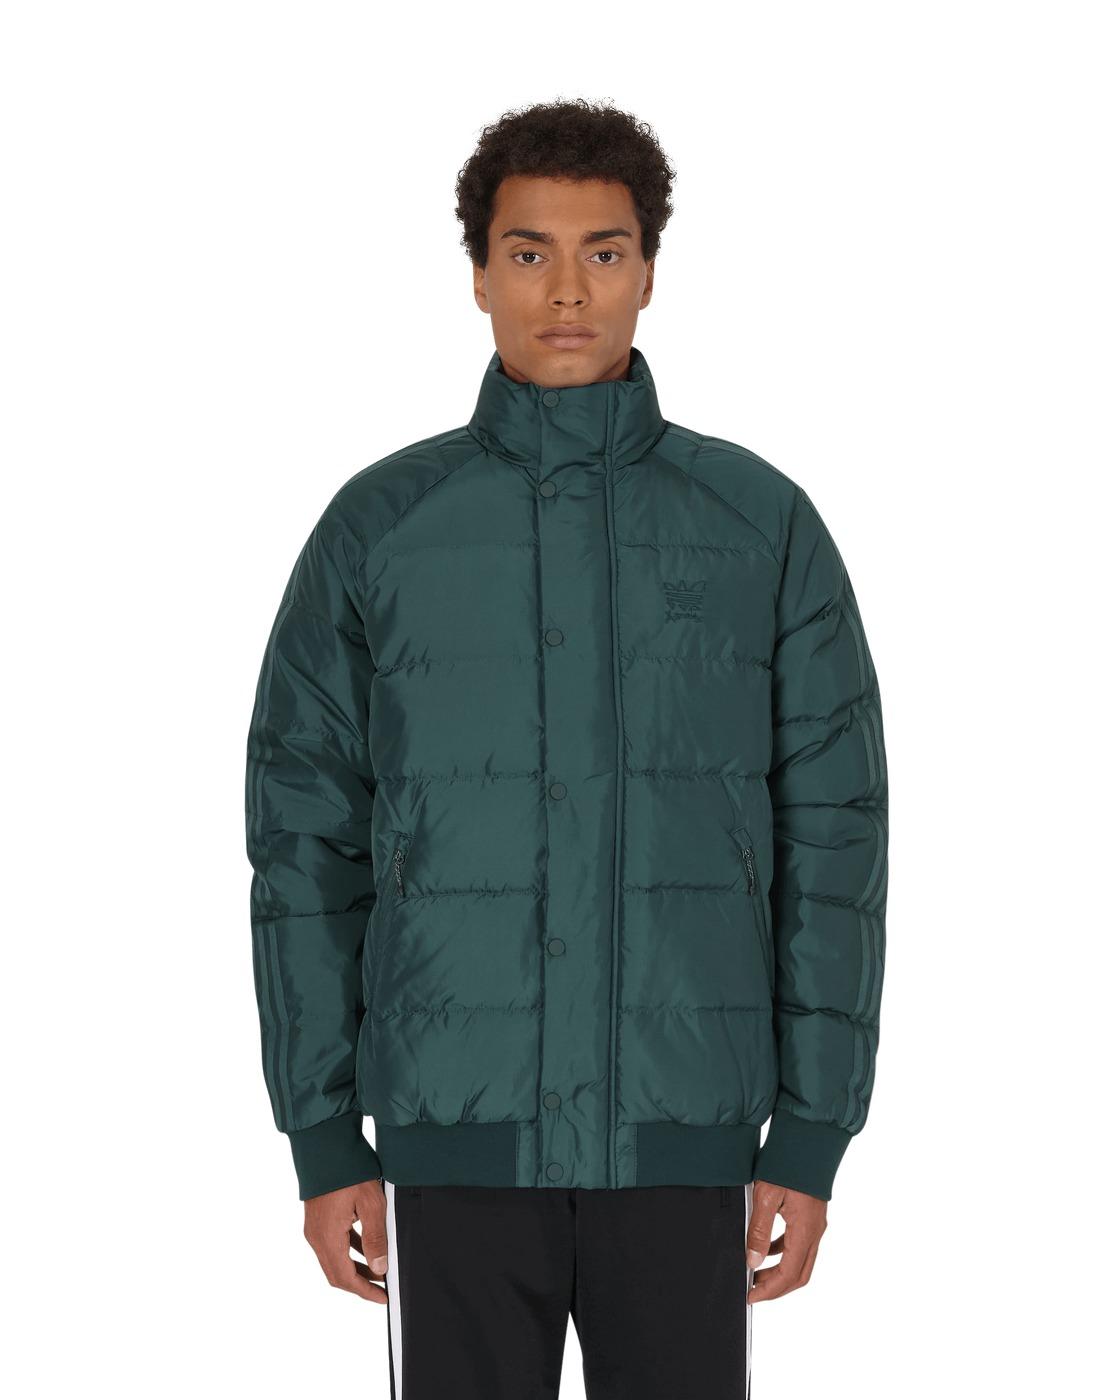 Adidas Originals Jonah Hill Puffer Jacket Mineral Green